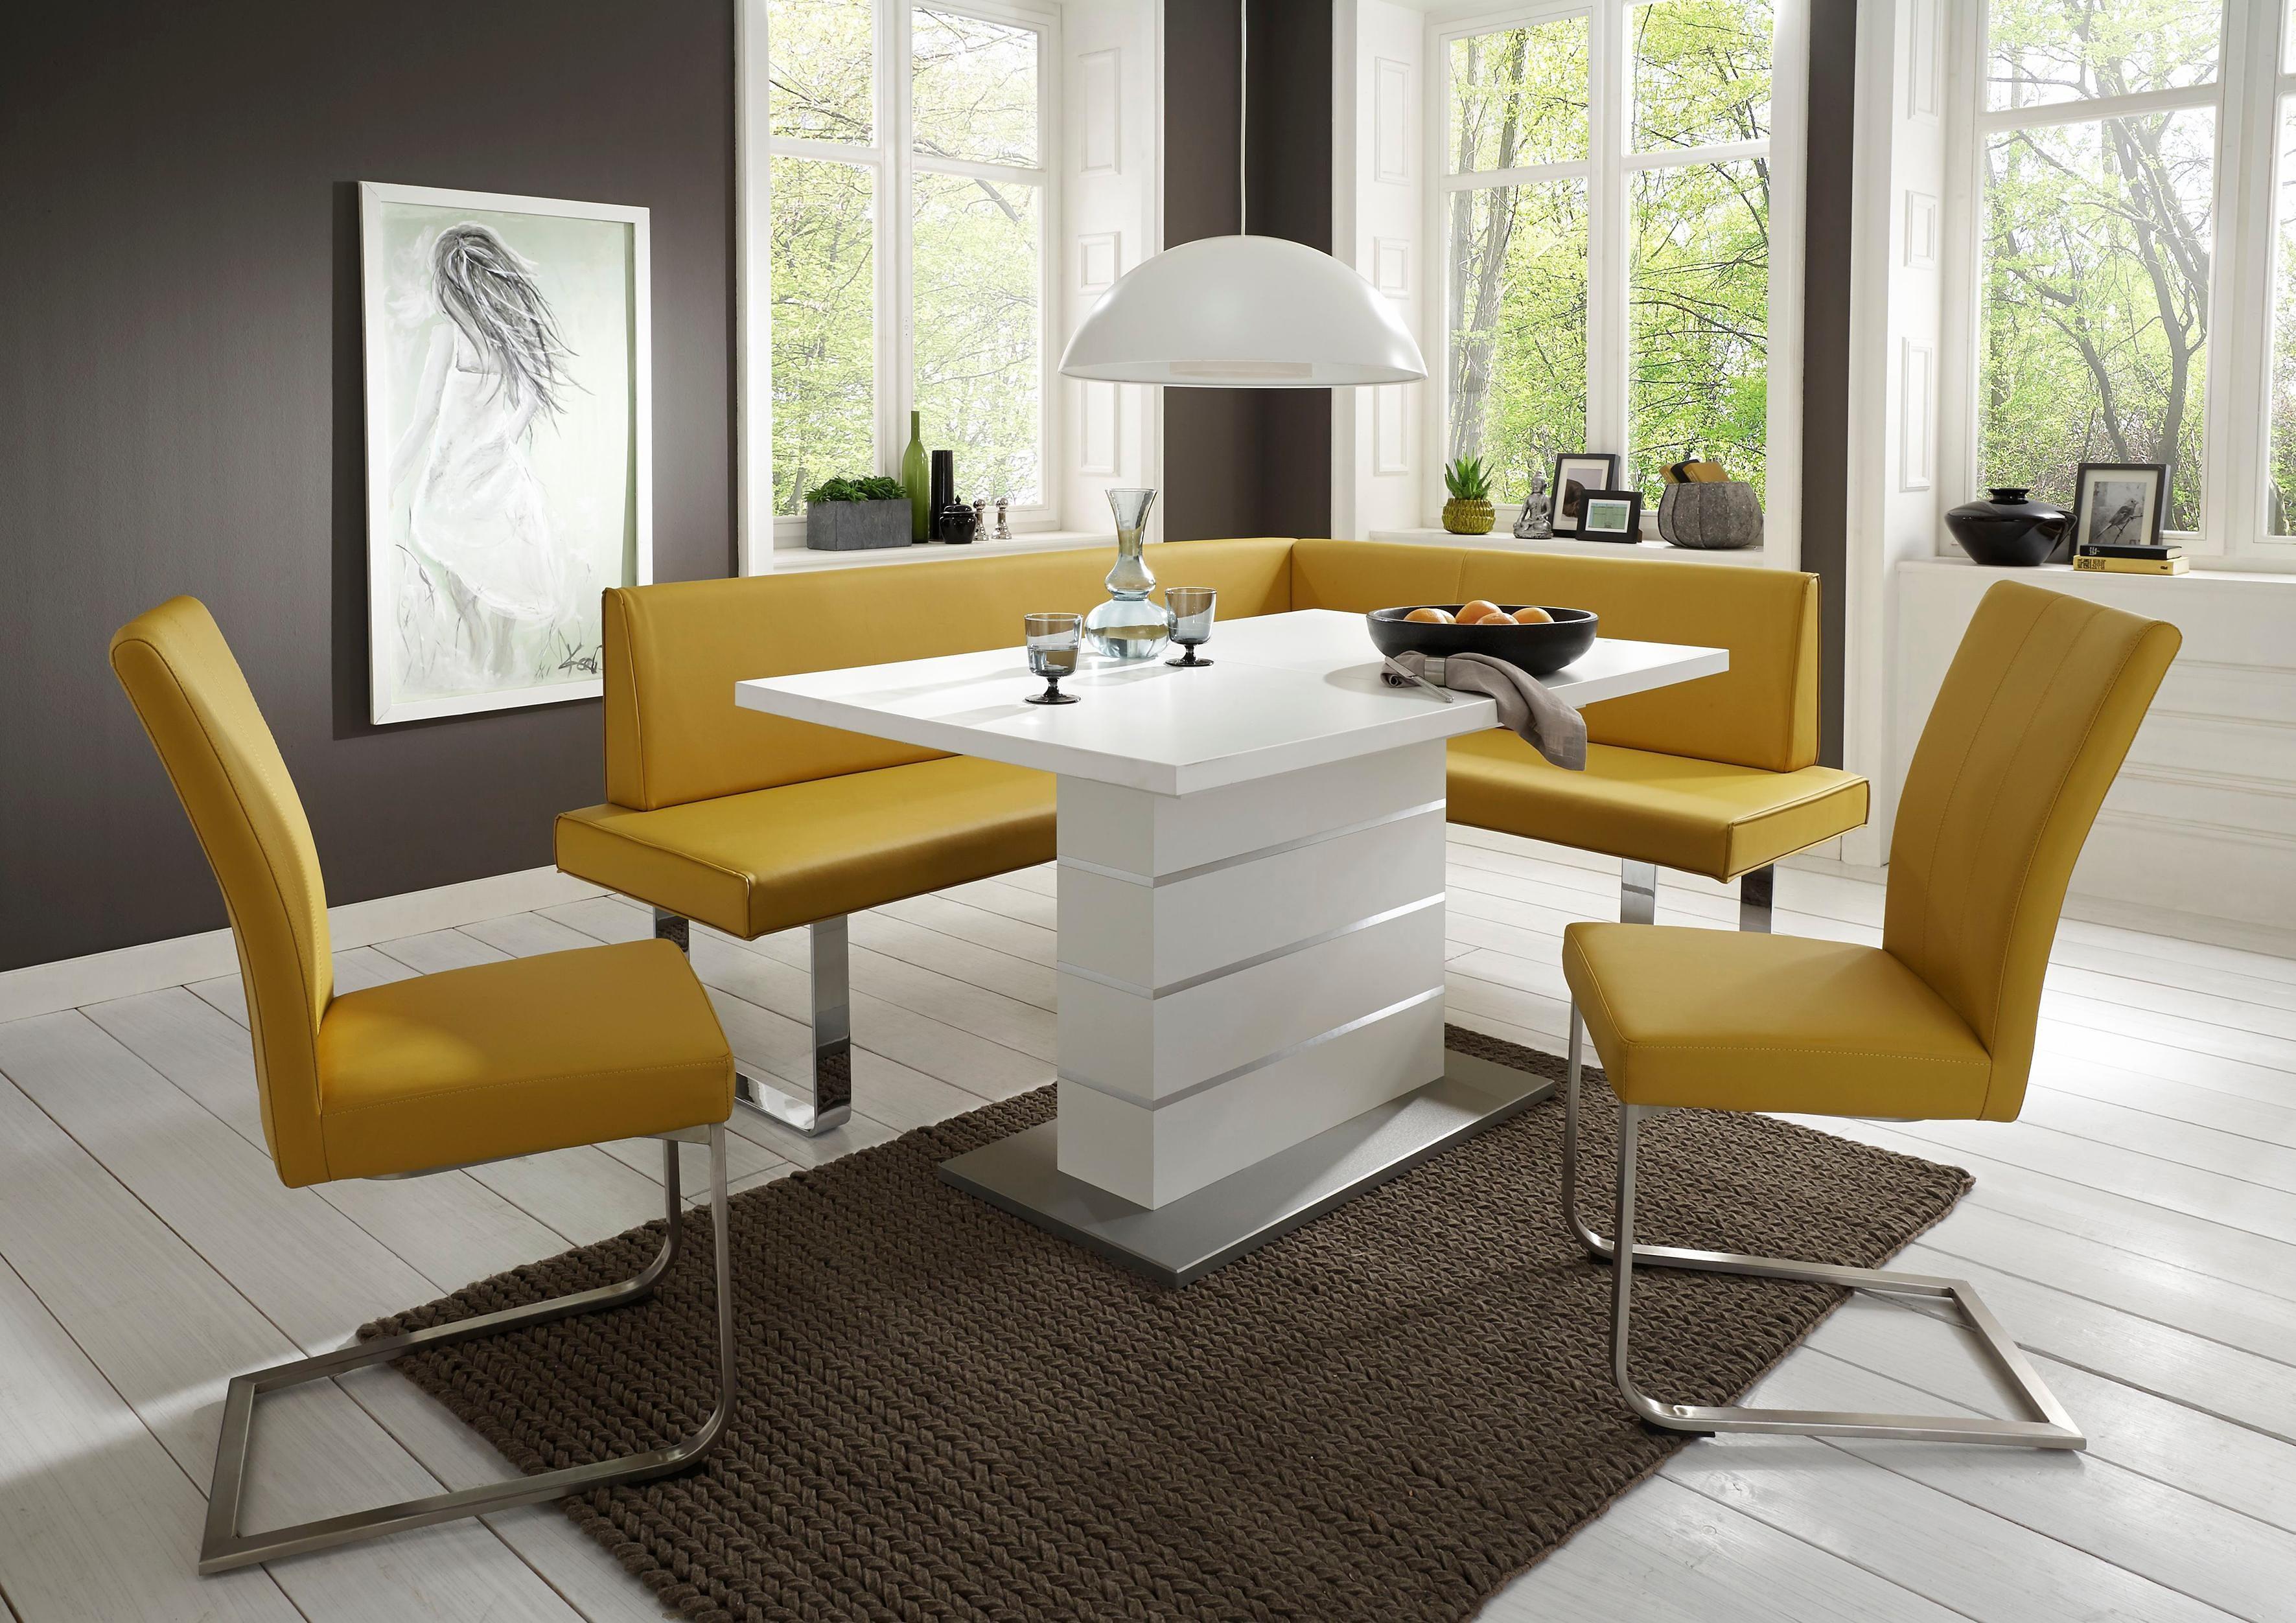 NIEHOFF SITZMÖBEL Eckbank »Nicola«, modernes Design mit gebürstetem Edelstahl